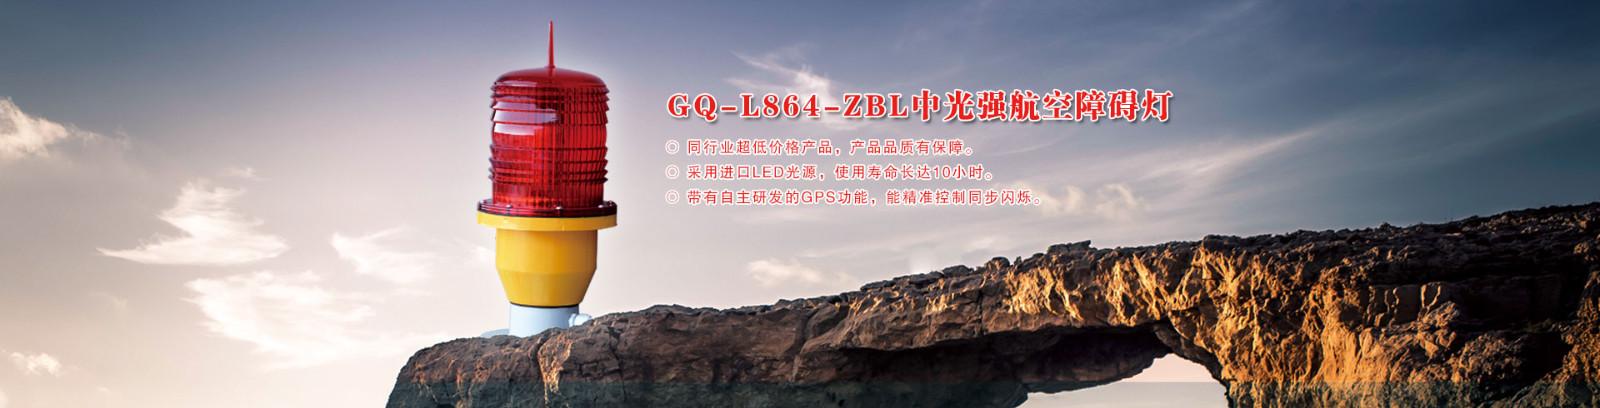 航空障碍灯,航空障碍灯销售厂家,航空障碍灯厂家价格,广州光强障碍灯有限公司